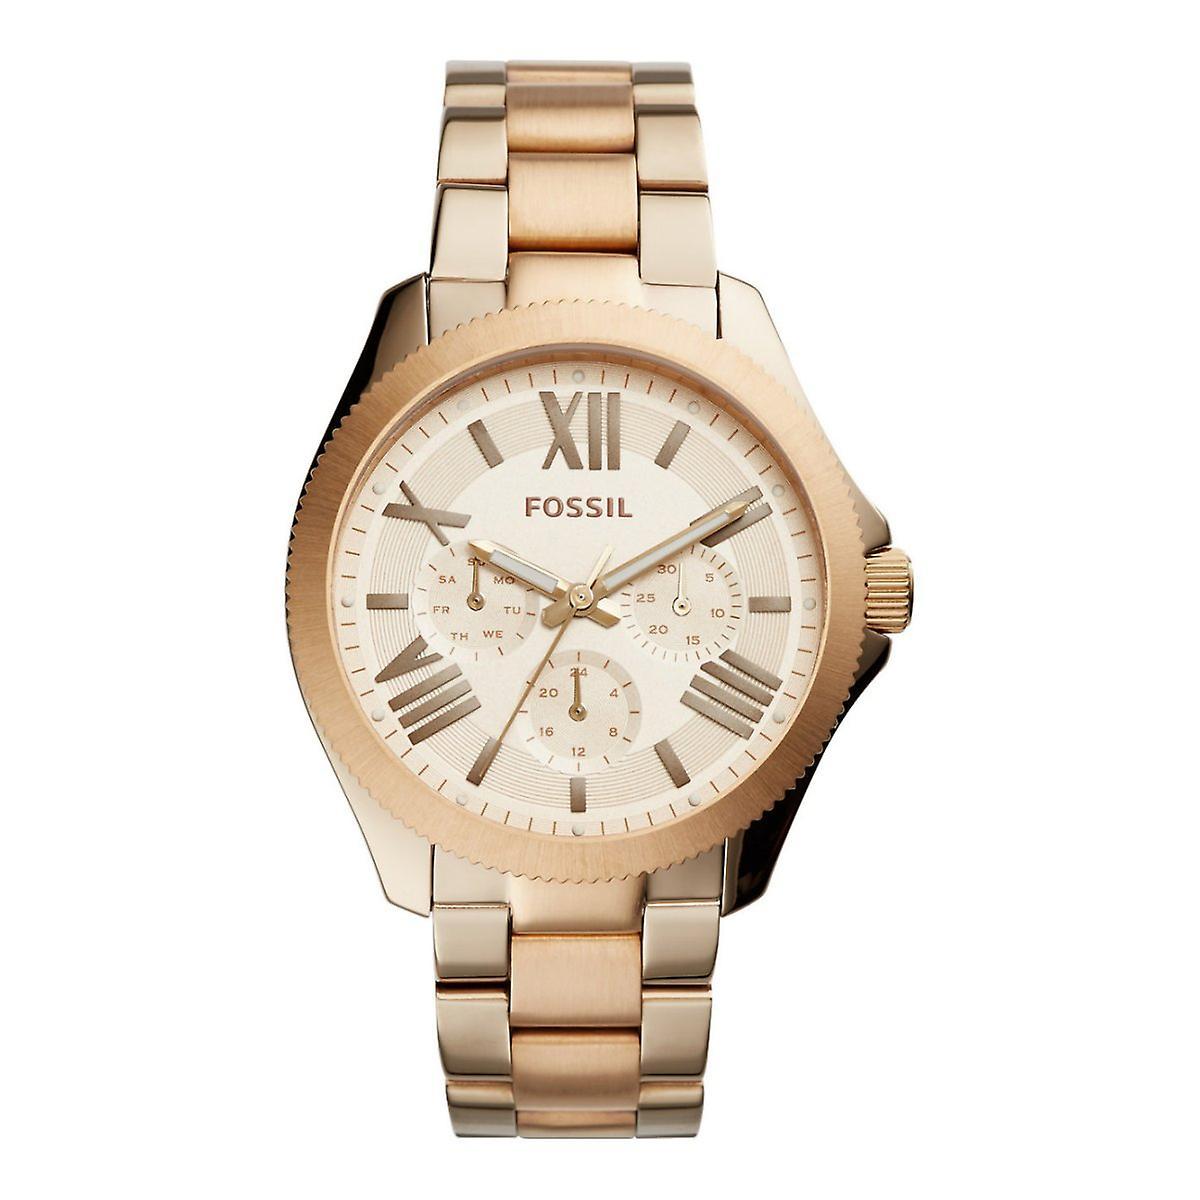 Fossiles MesLes dames montre en acier inoxydable de montre-bracelet Rosé AM4634 CÉCILE